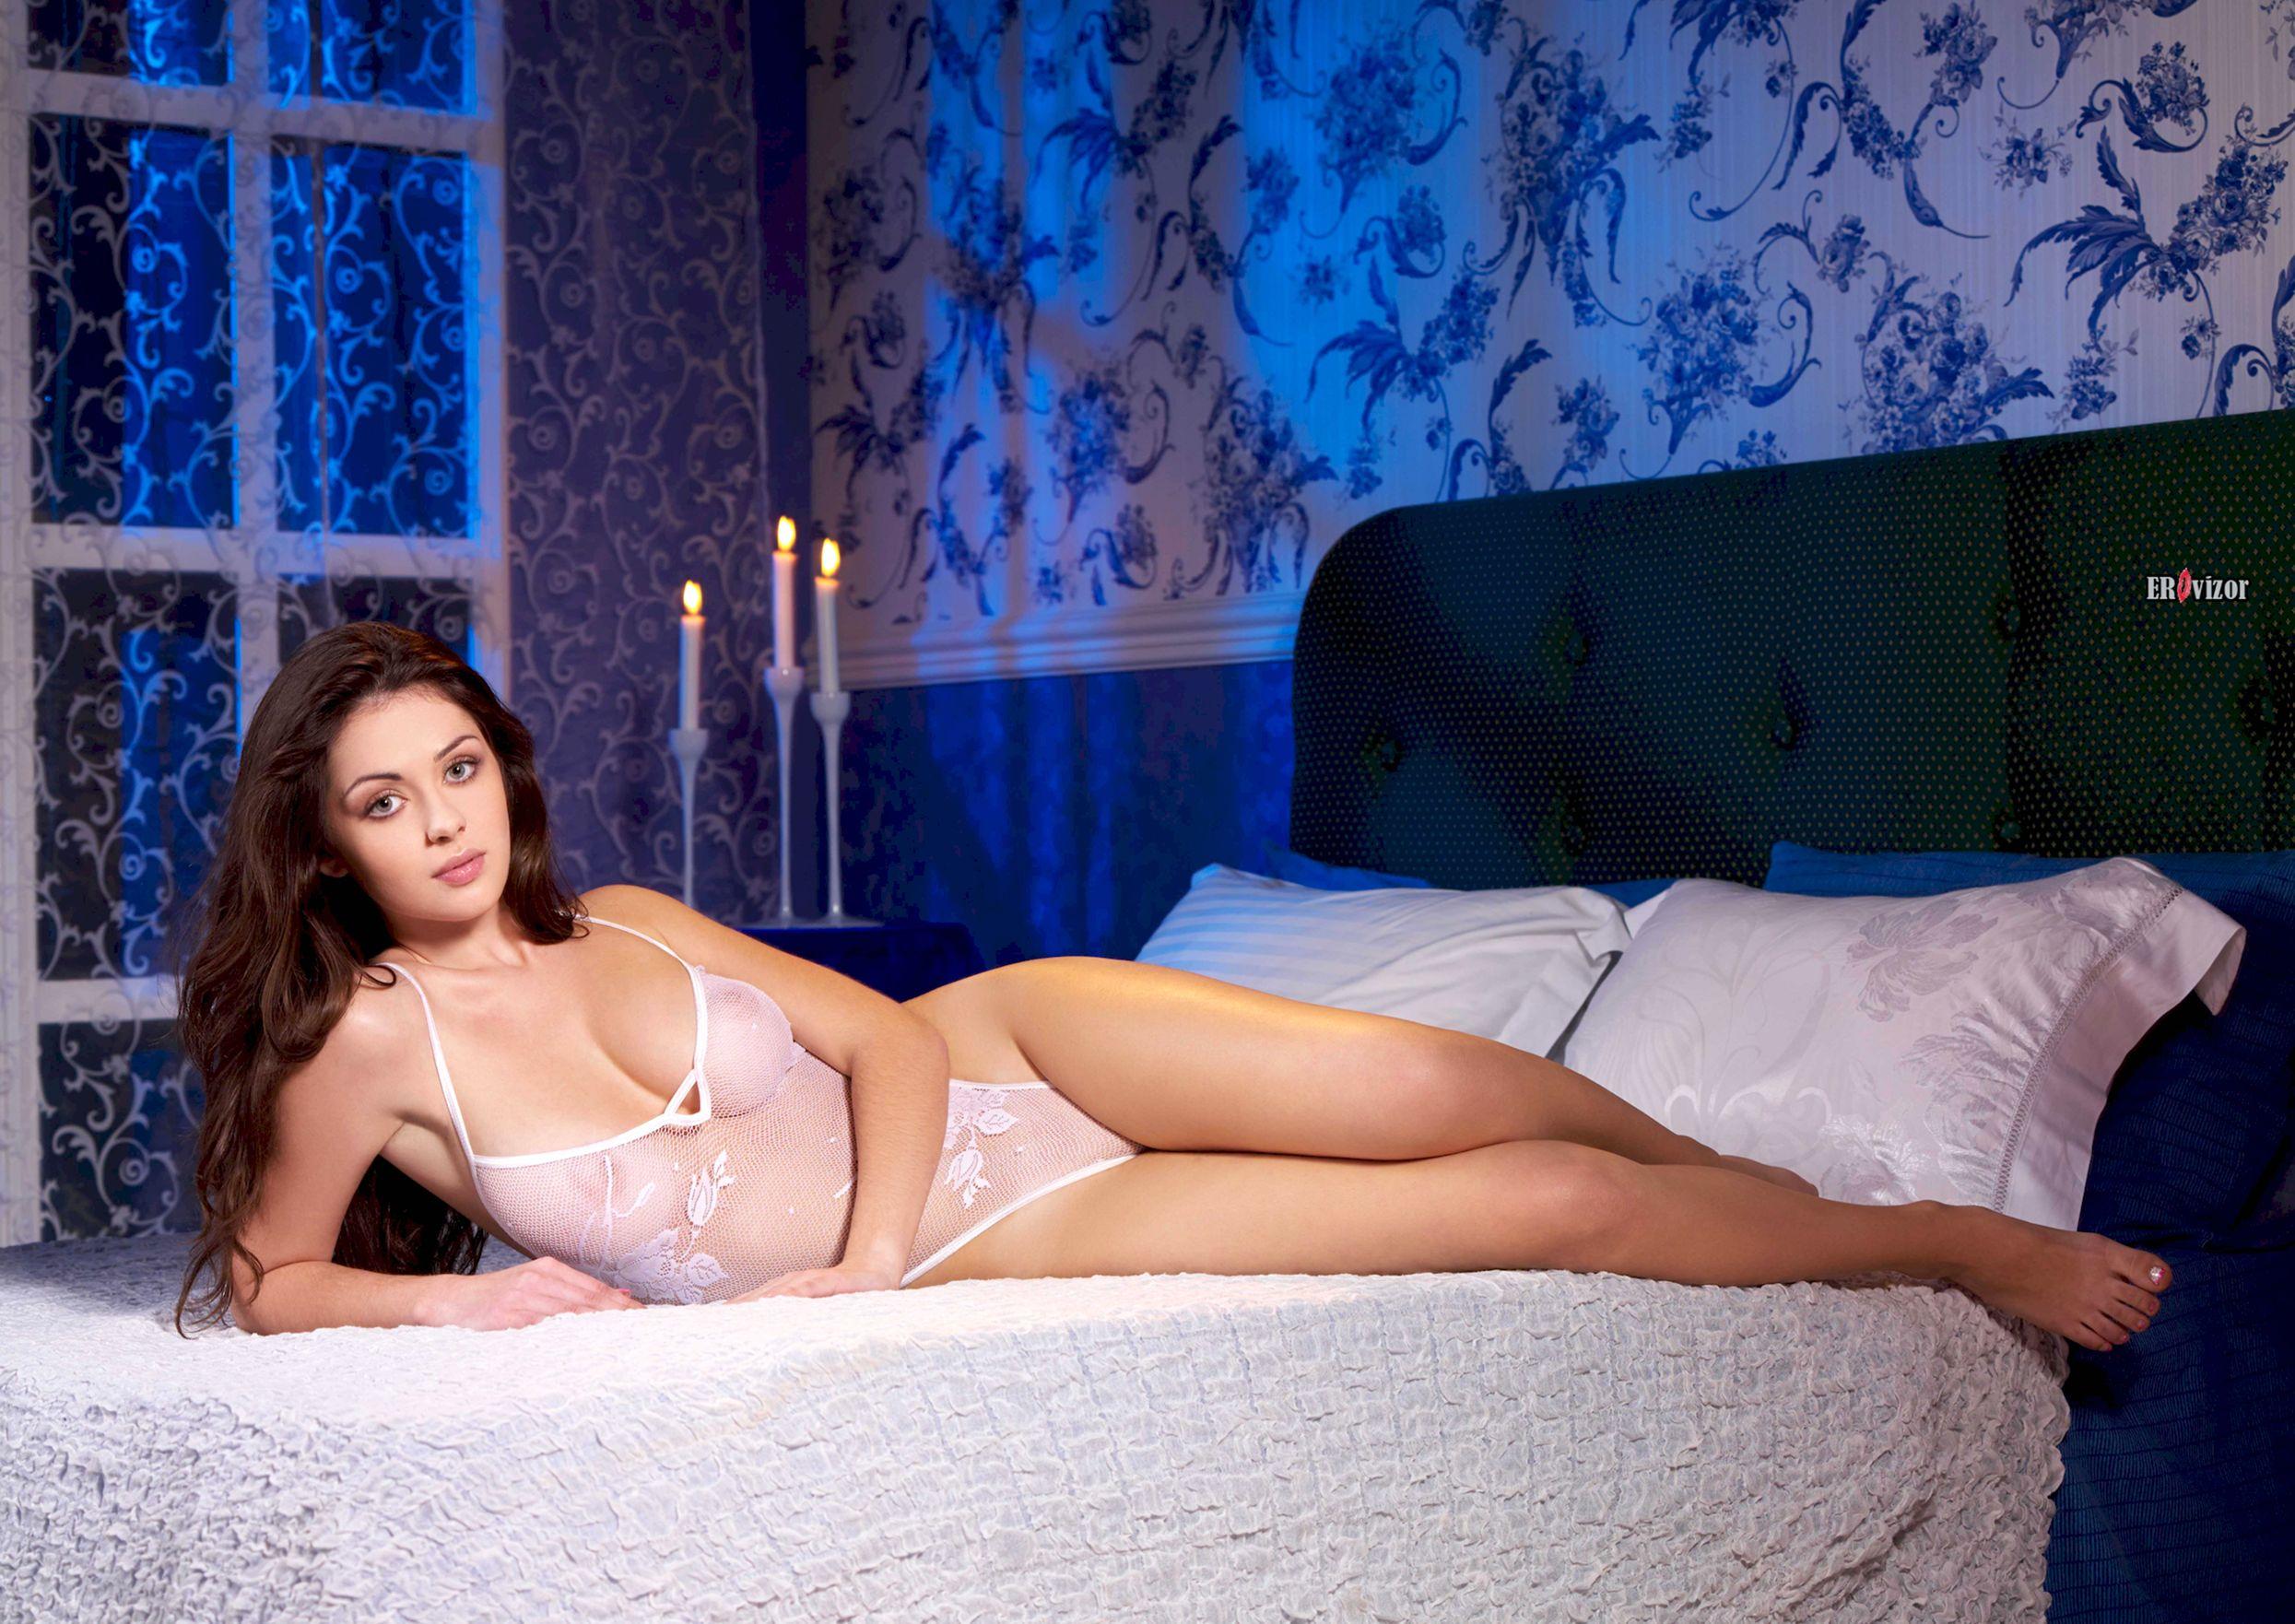 Милая сексуальная девушка в постели